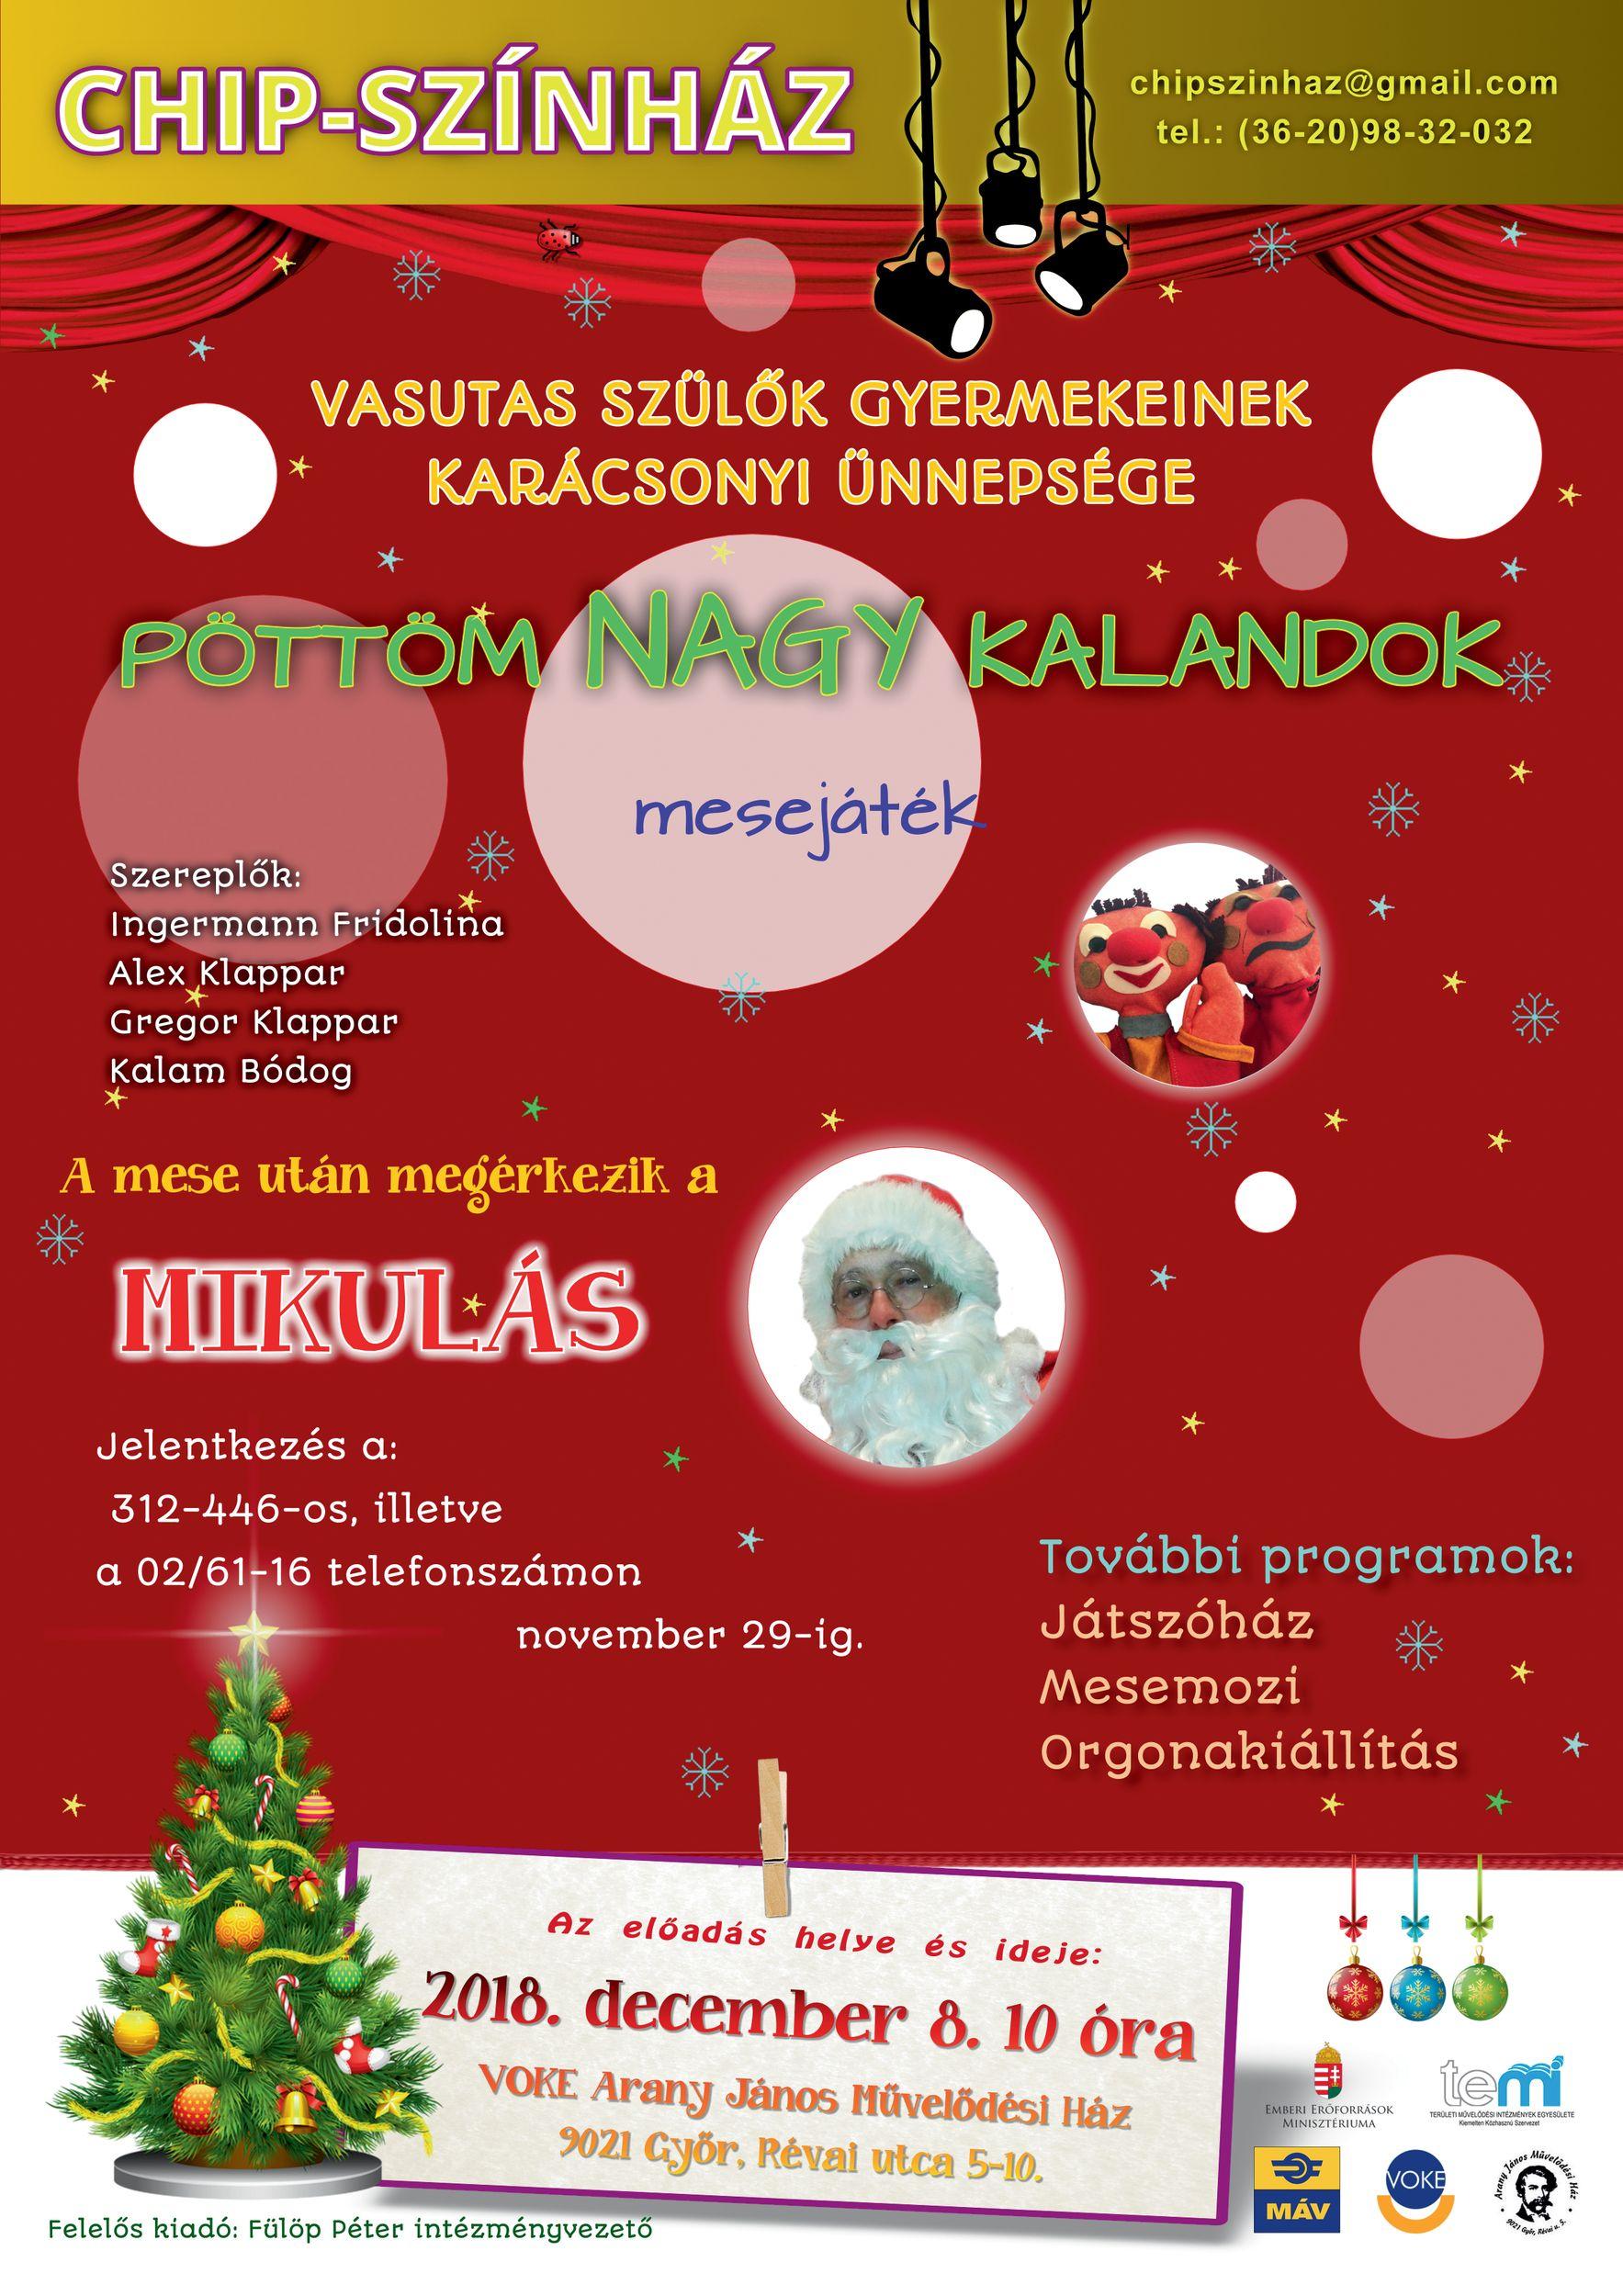 d02bf6b9fc Vasutas Szülők Gyermekeinek Karácsonyi Ünnepsége Győrött   Vasutas ...